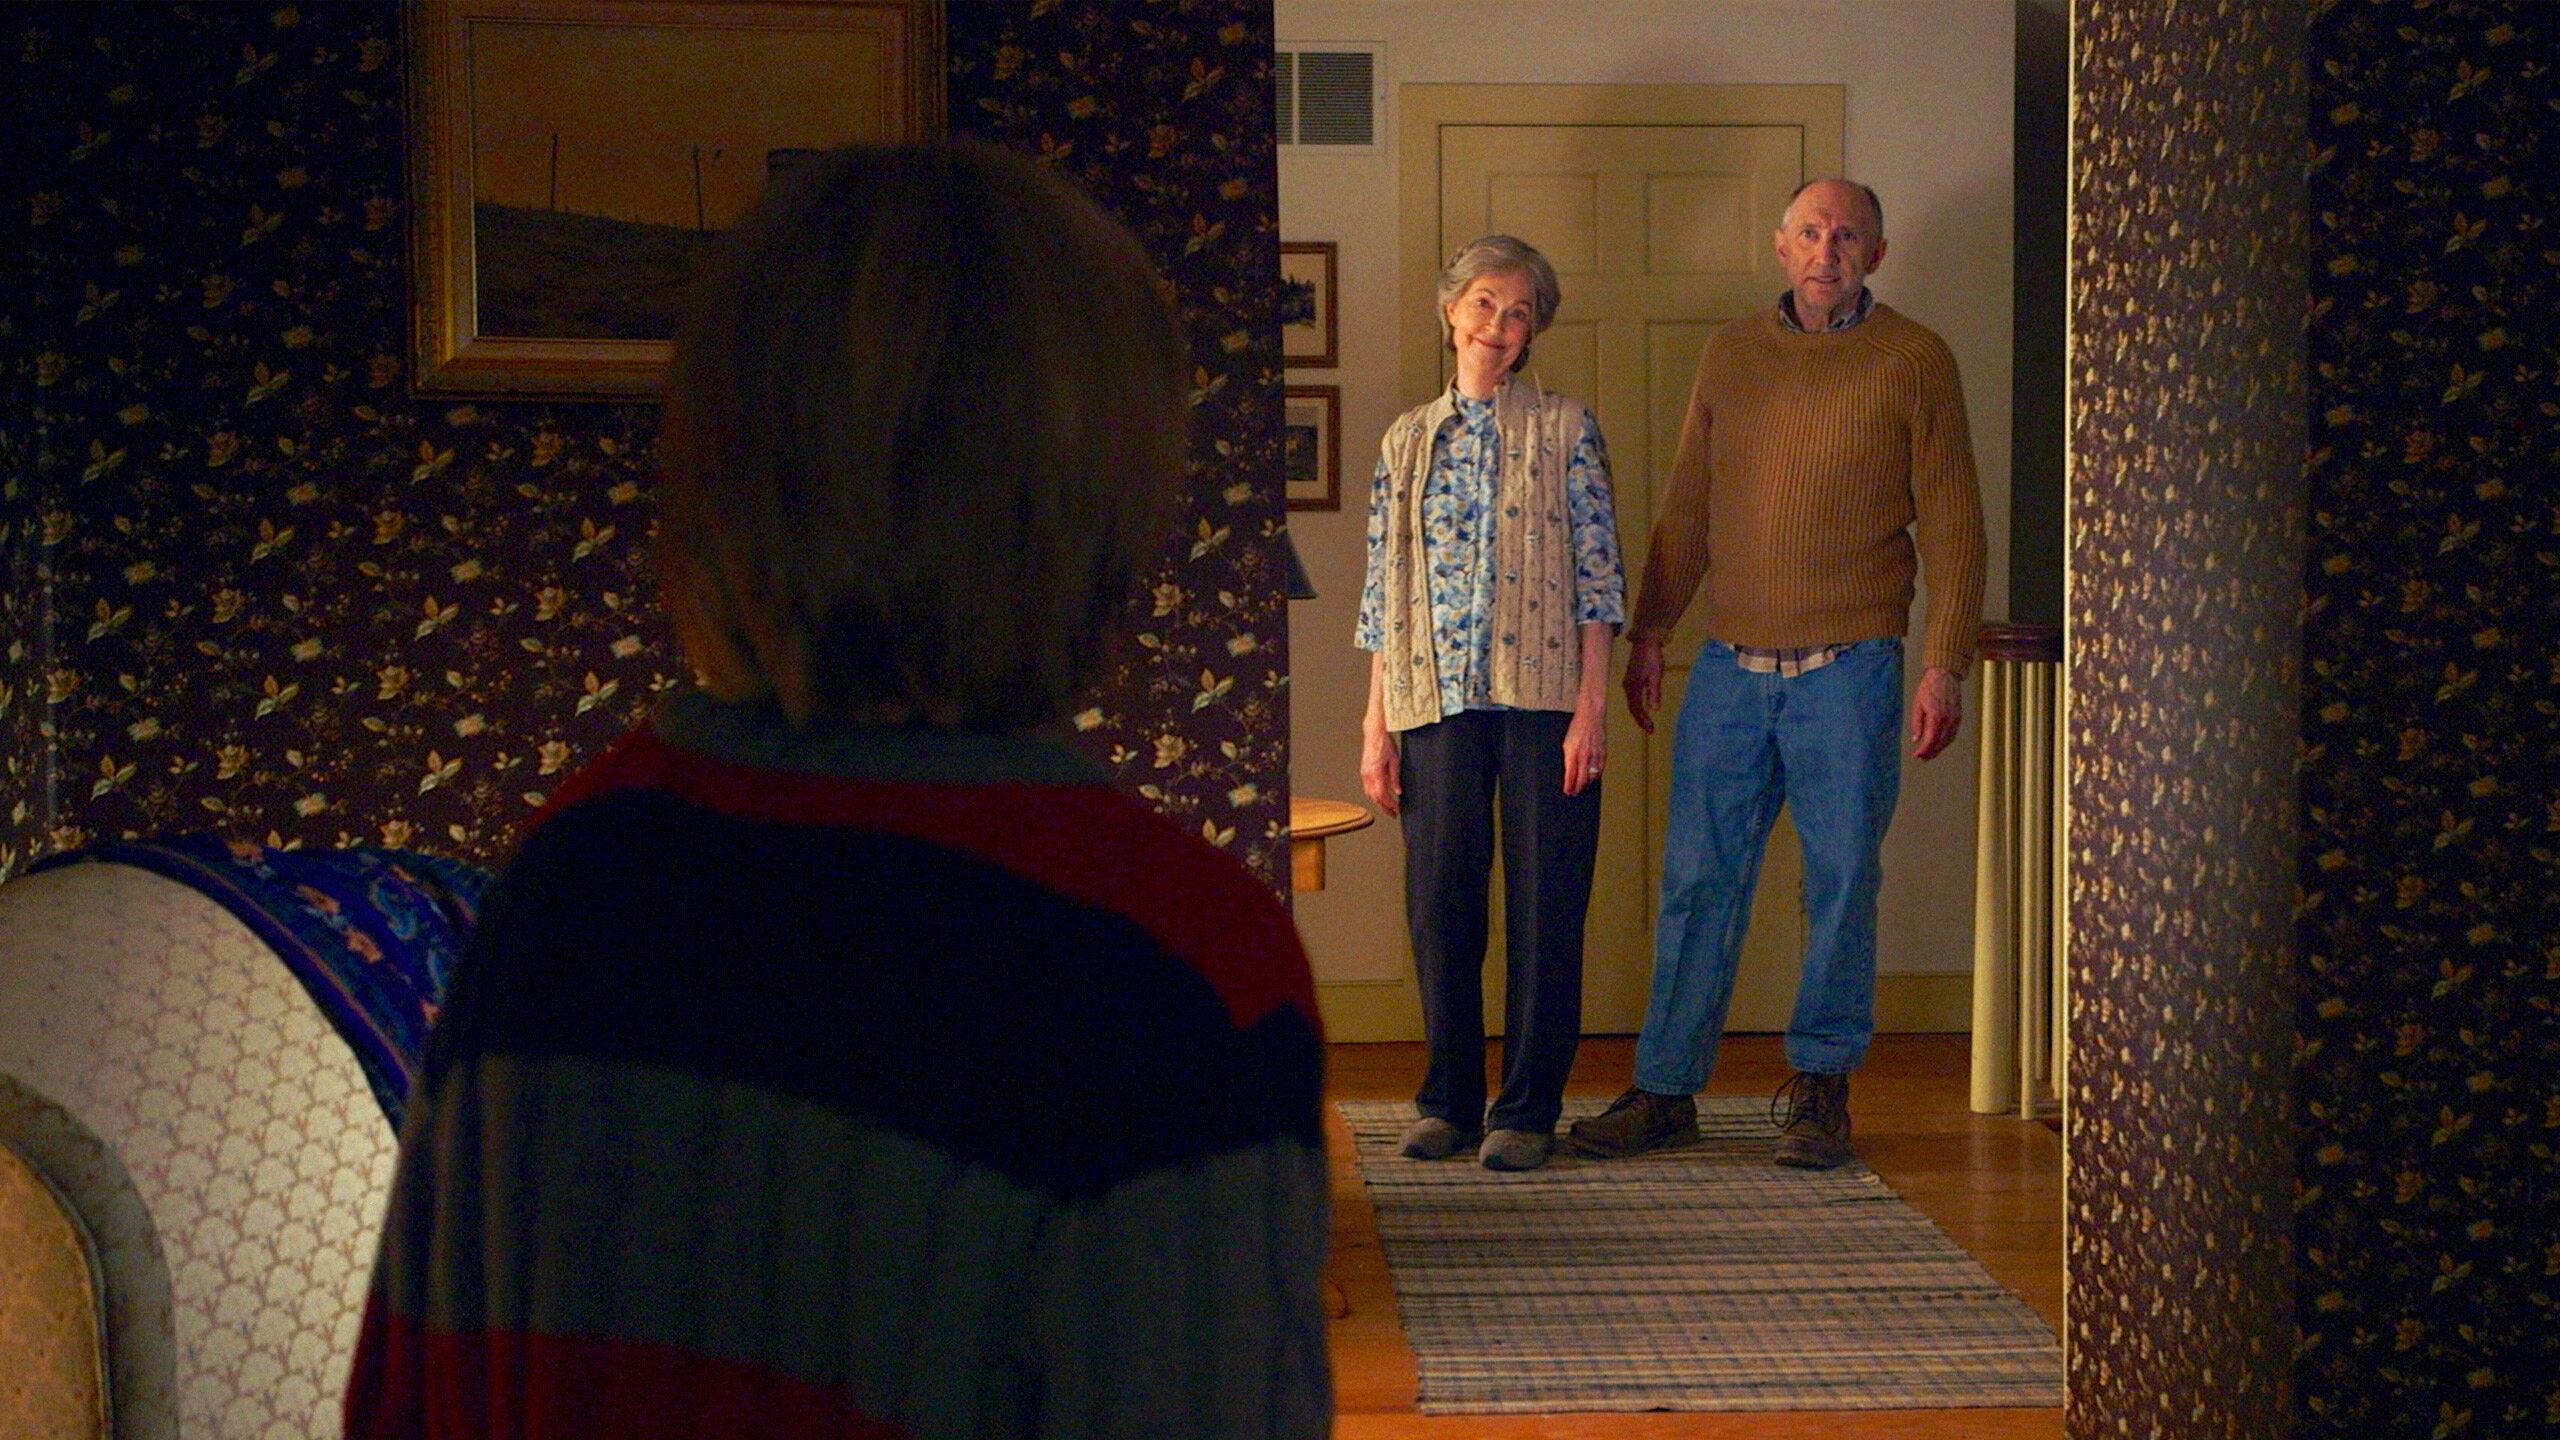 """Kadr z filmu """"Wizyta"""" / """"The Visit"""" (2015)"""